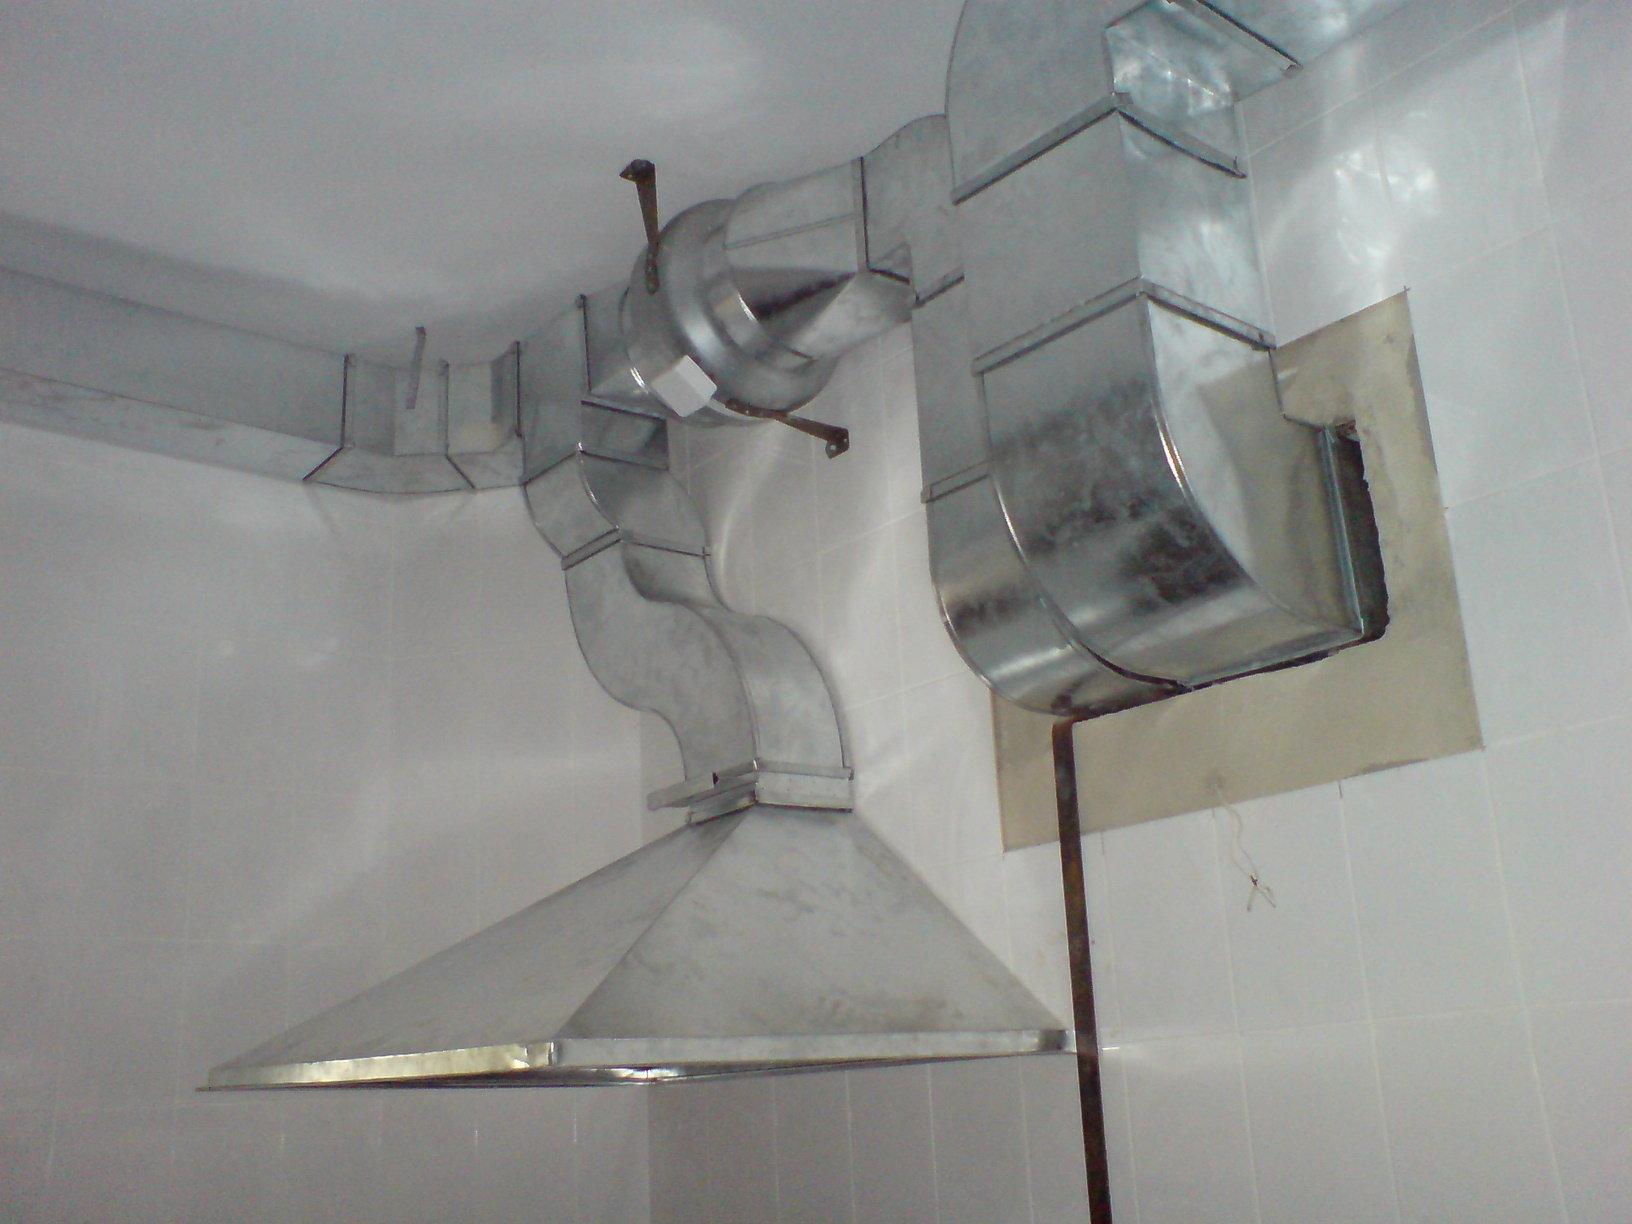 Как сделать глушитель для вентиляции